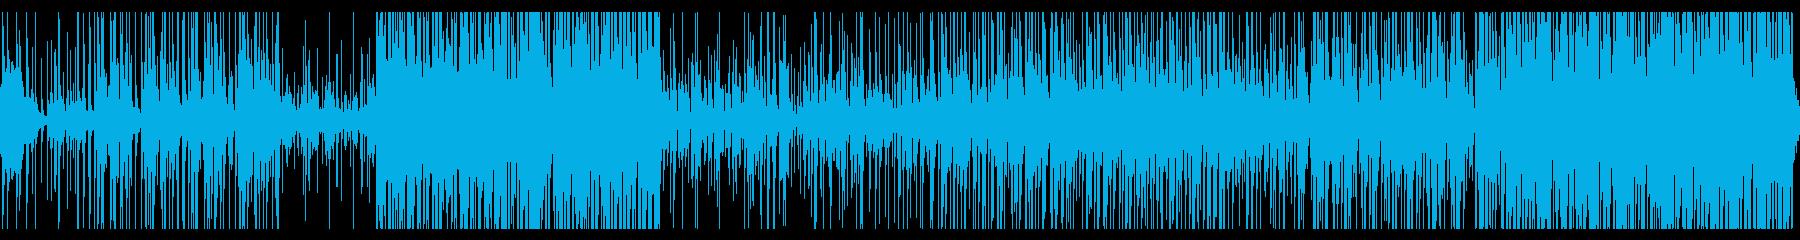 民族調のダンスBGMの再生済みの波形